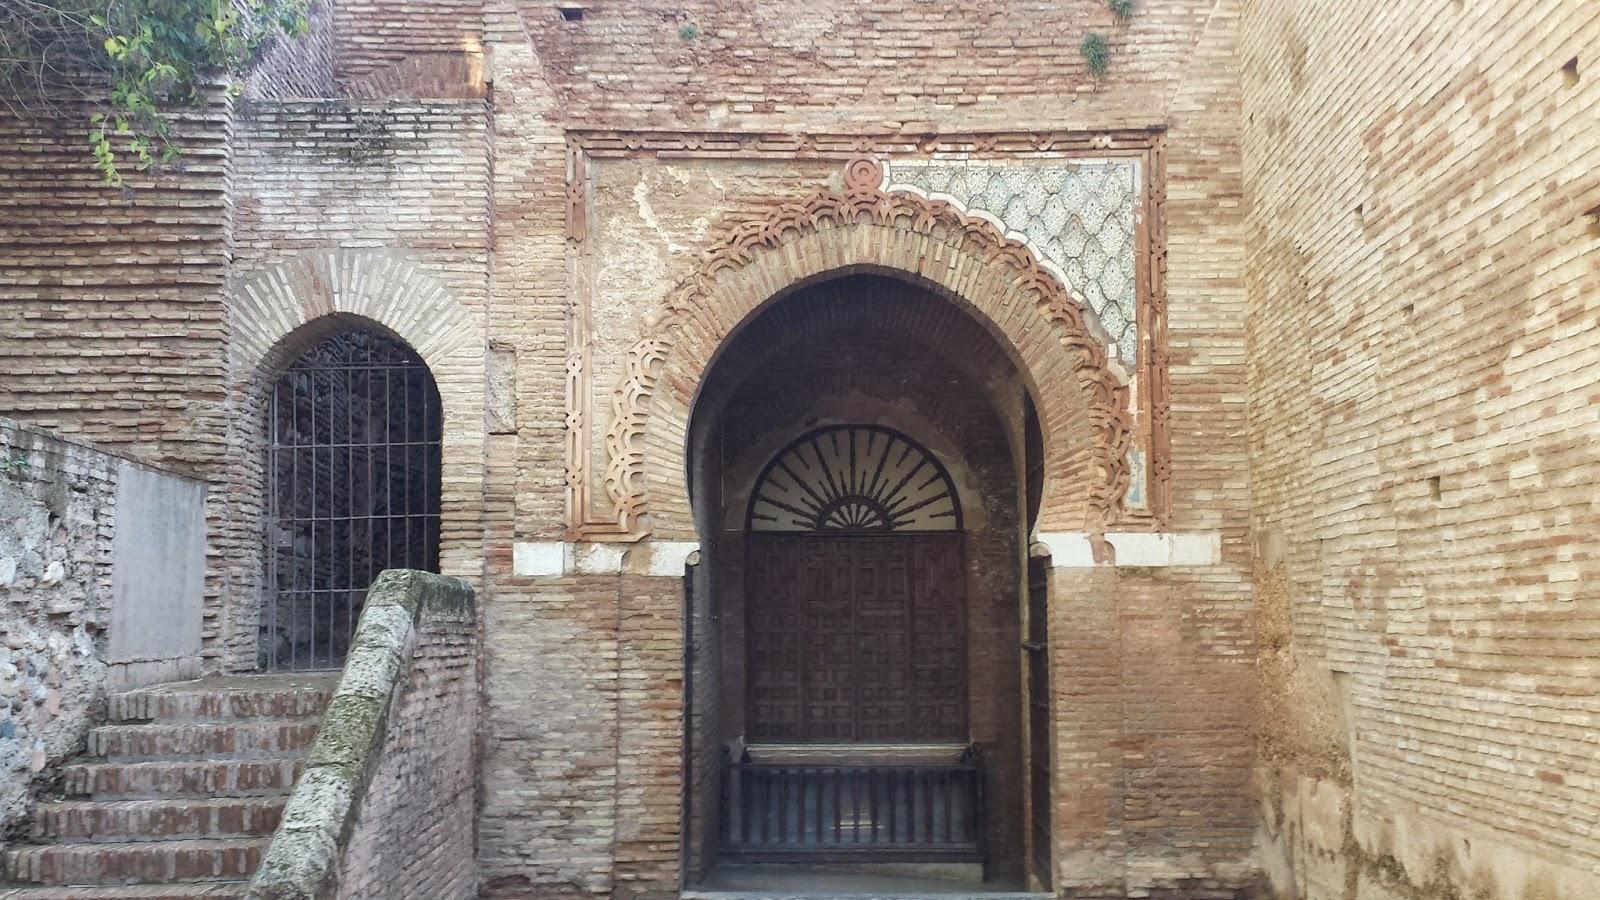 Puerta de la justicia for Interior y justicia